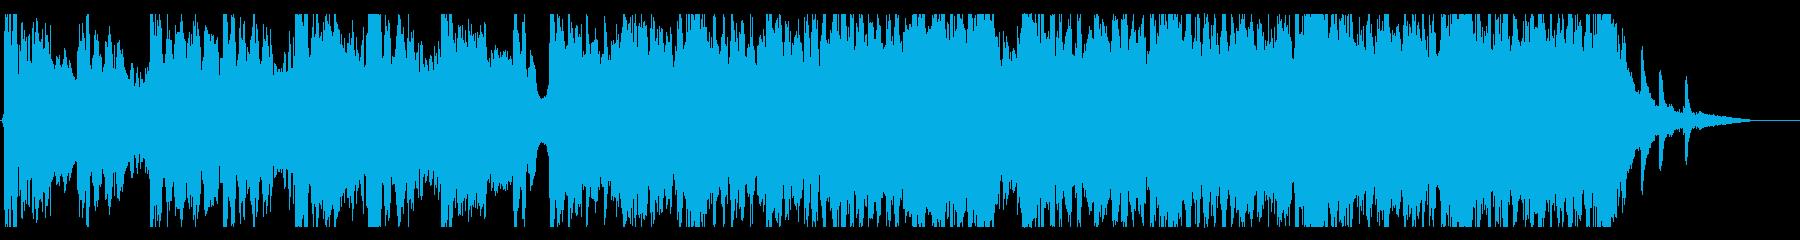 重低音の効いたエピック・トレーラーBGMの再生済みの波形